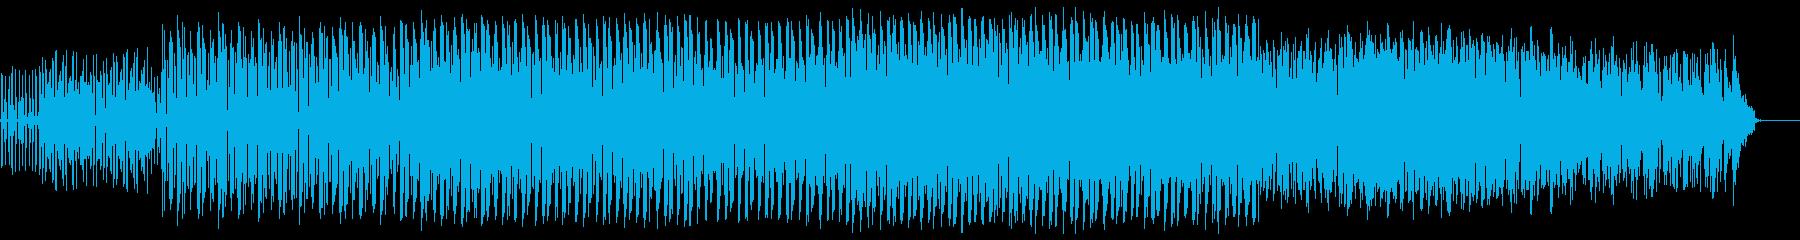 男達の挽歌が響くミステリアスなハウスの再生済みの波形